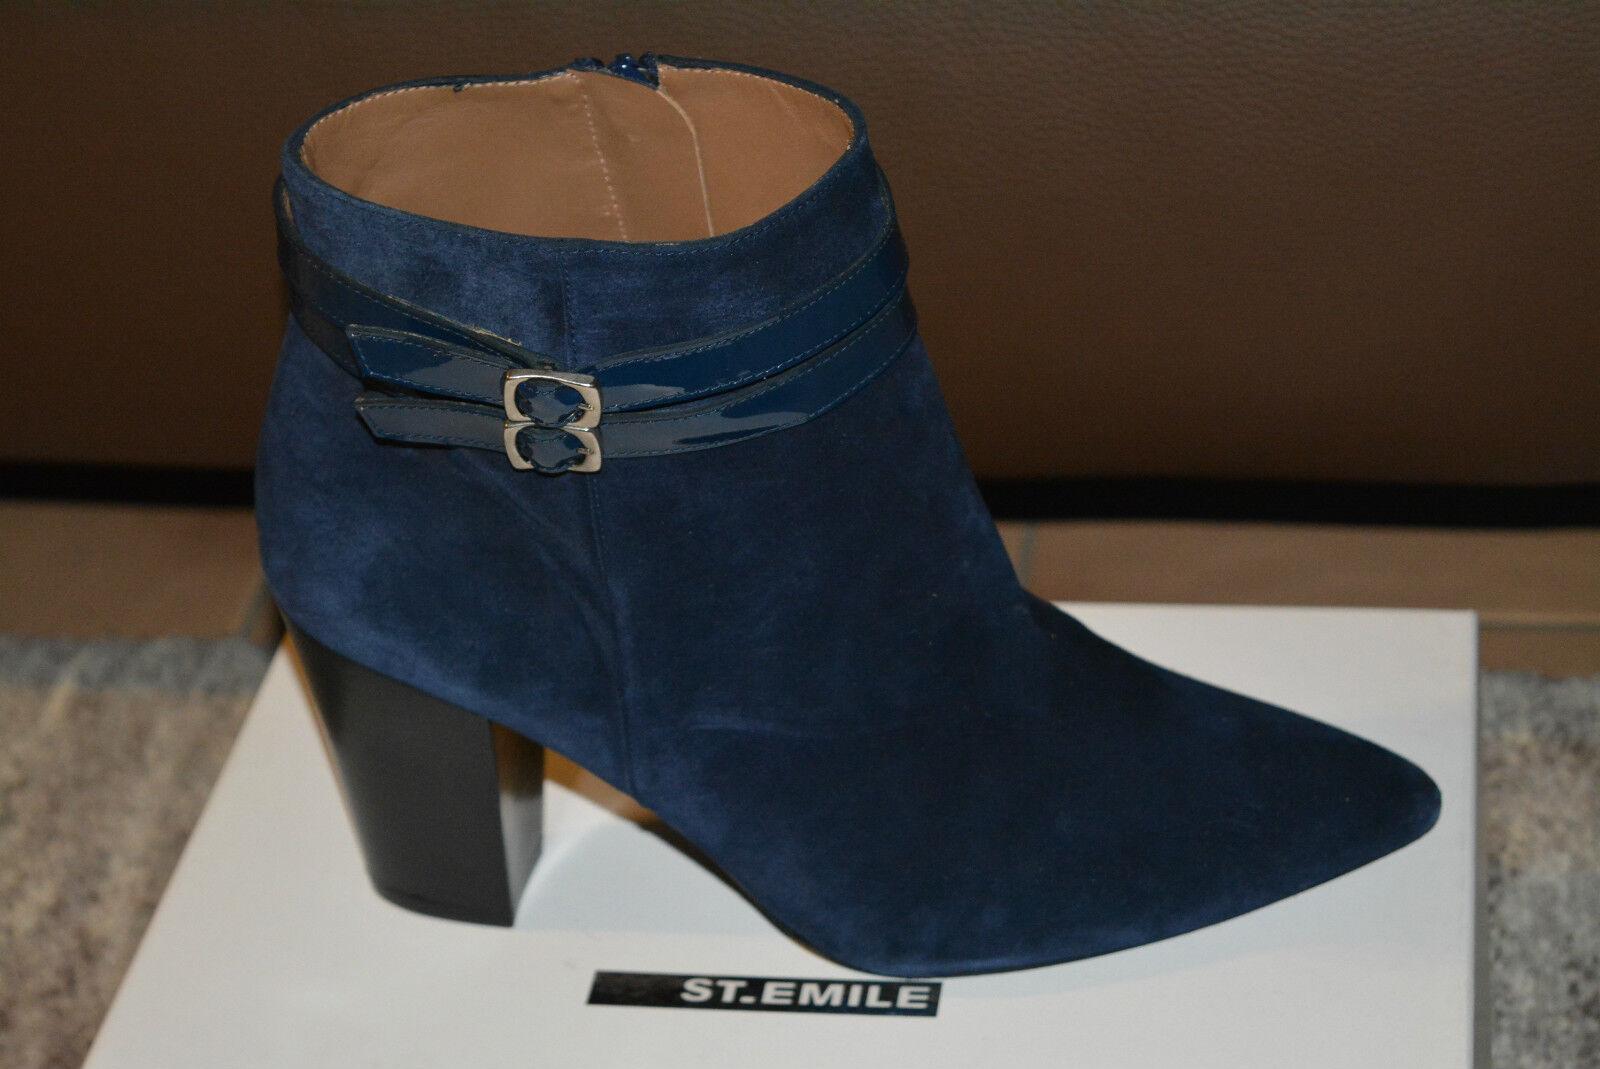 Original Stiefel, St.Emile Damen Stiefeletten, Stiefel, Original Veloursleder, Dk.Blau Gr.41 Neu 7fa93b